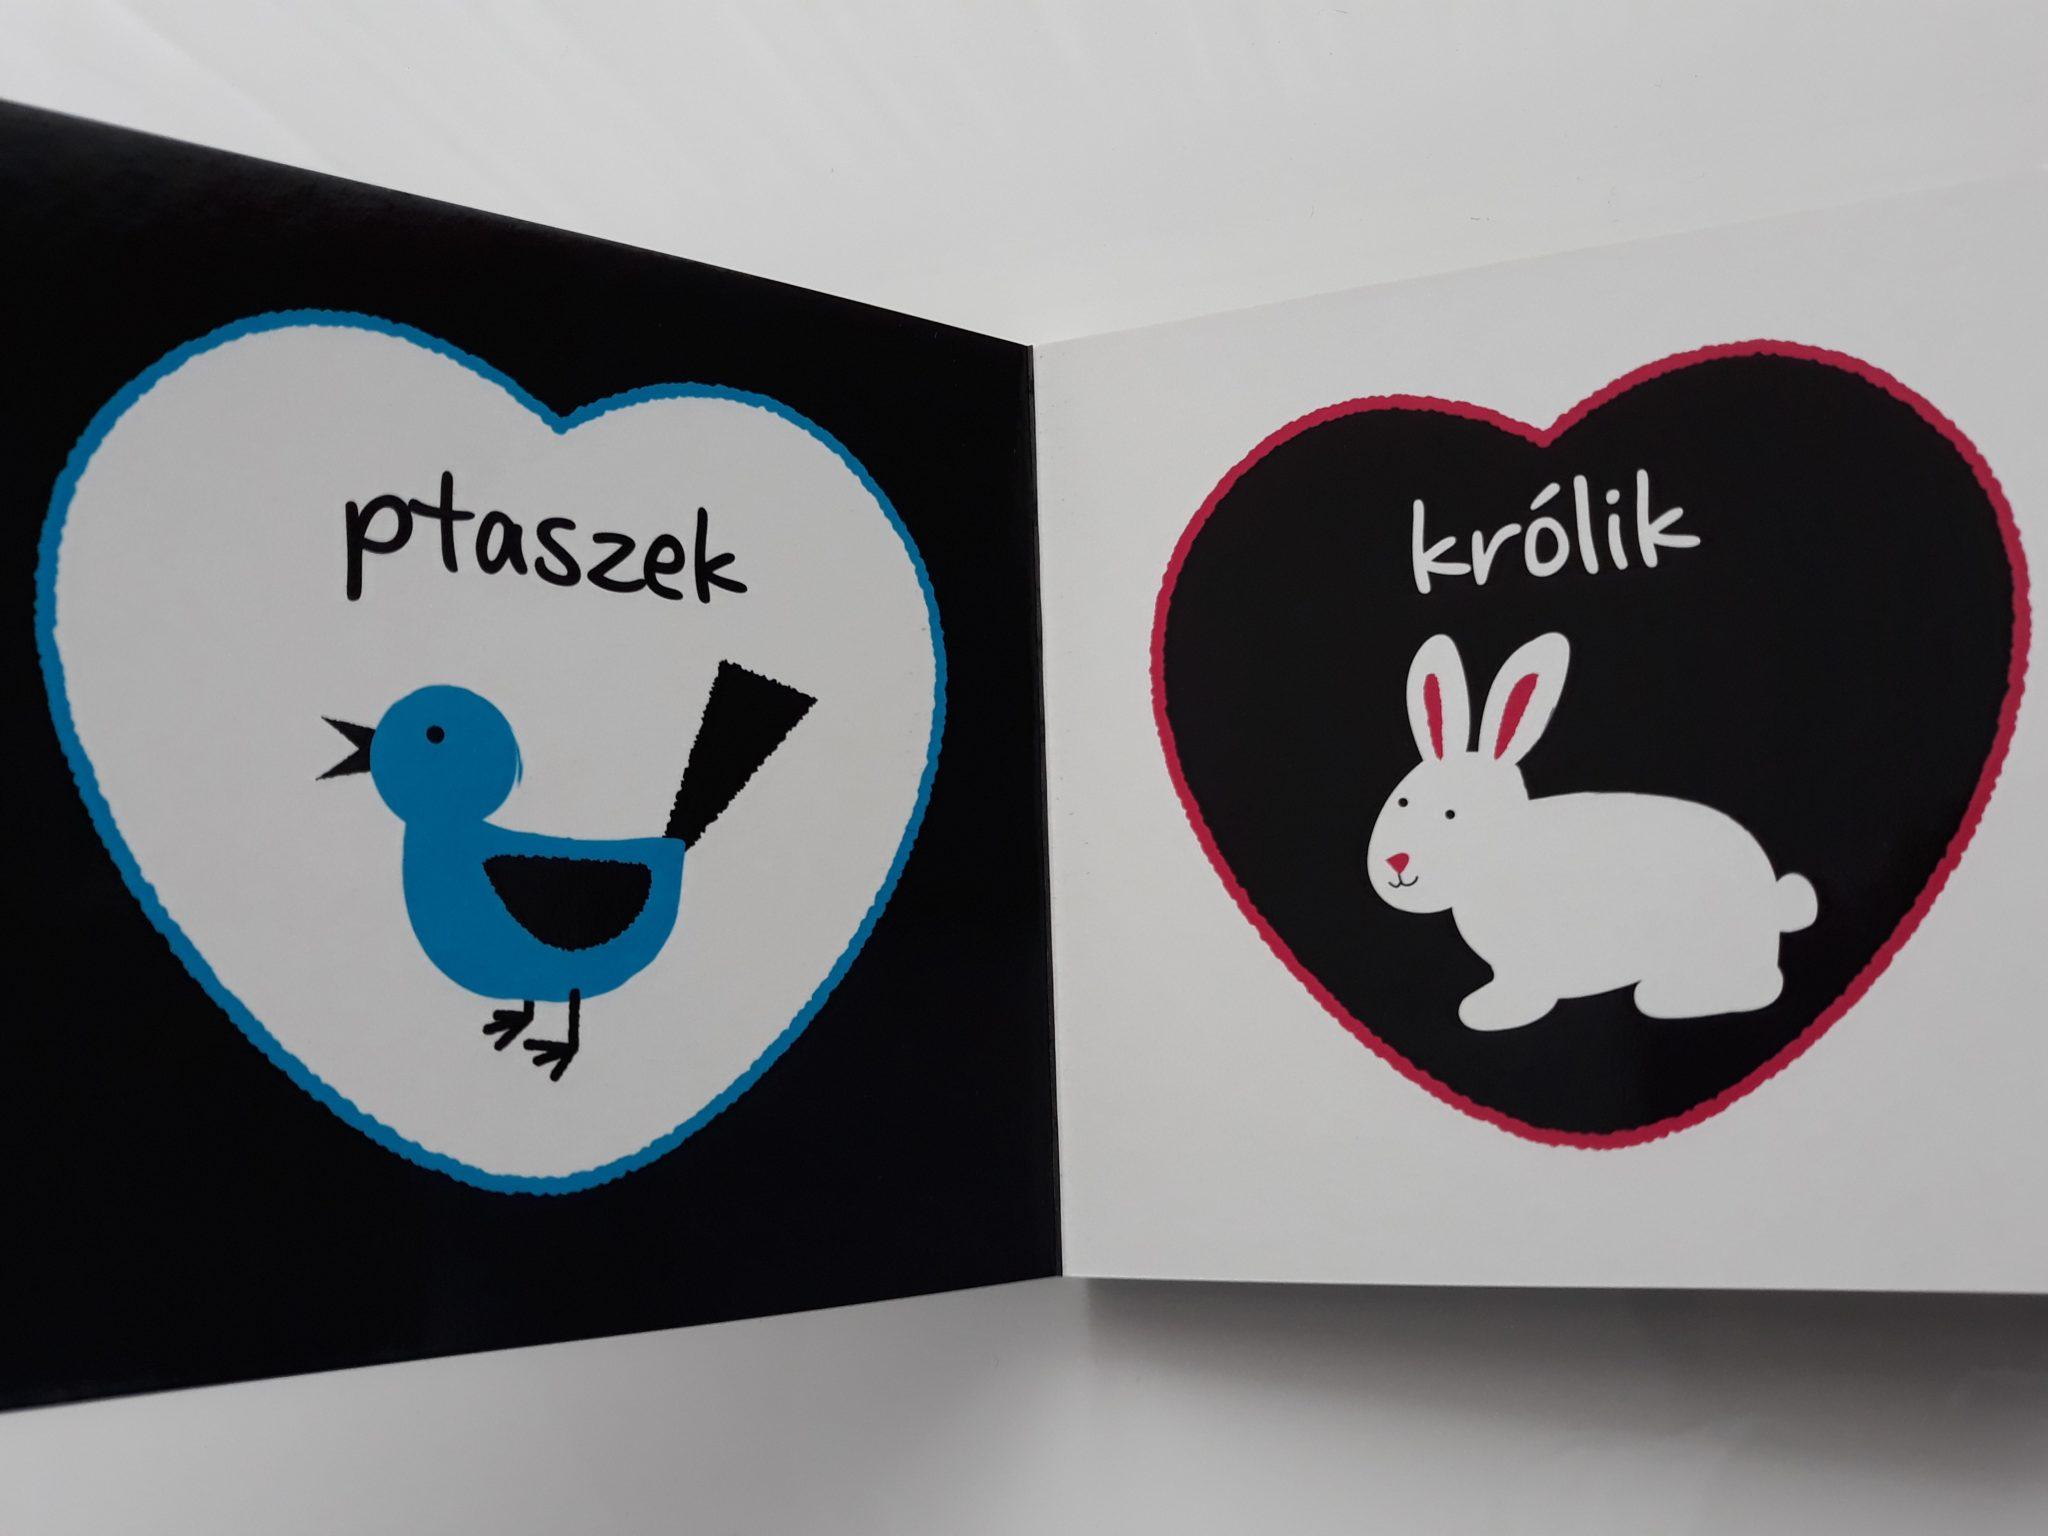 Książki dla niemowląt kontrastowe Zwierzęta izwierzątka, czarno-białe obrazki.